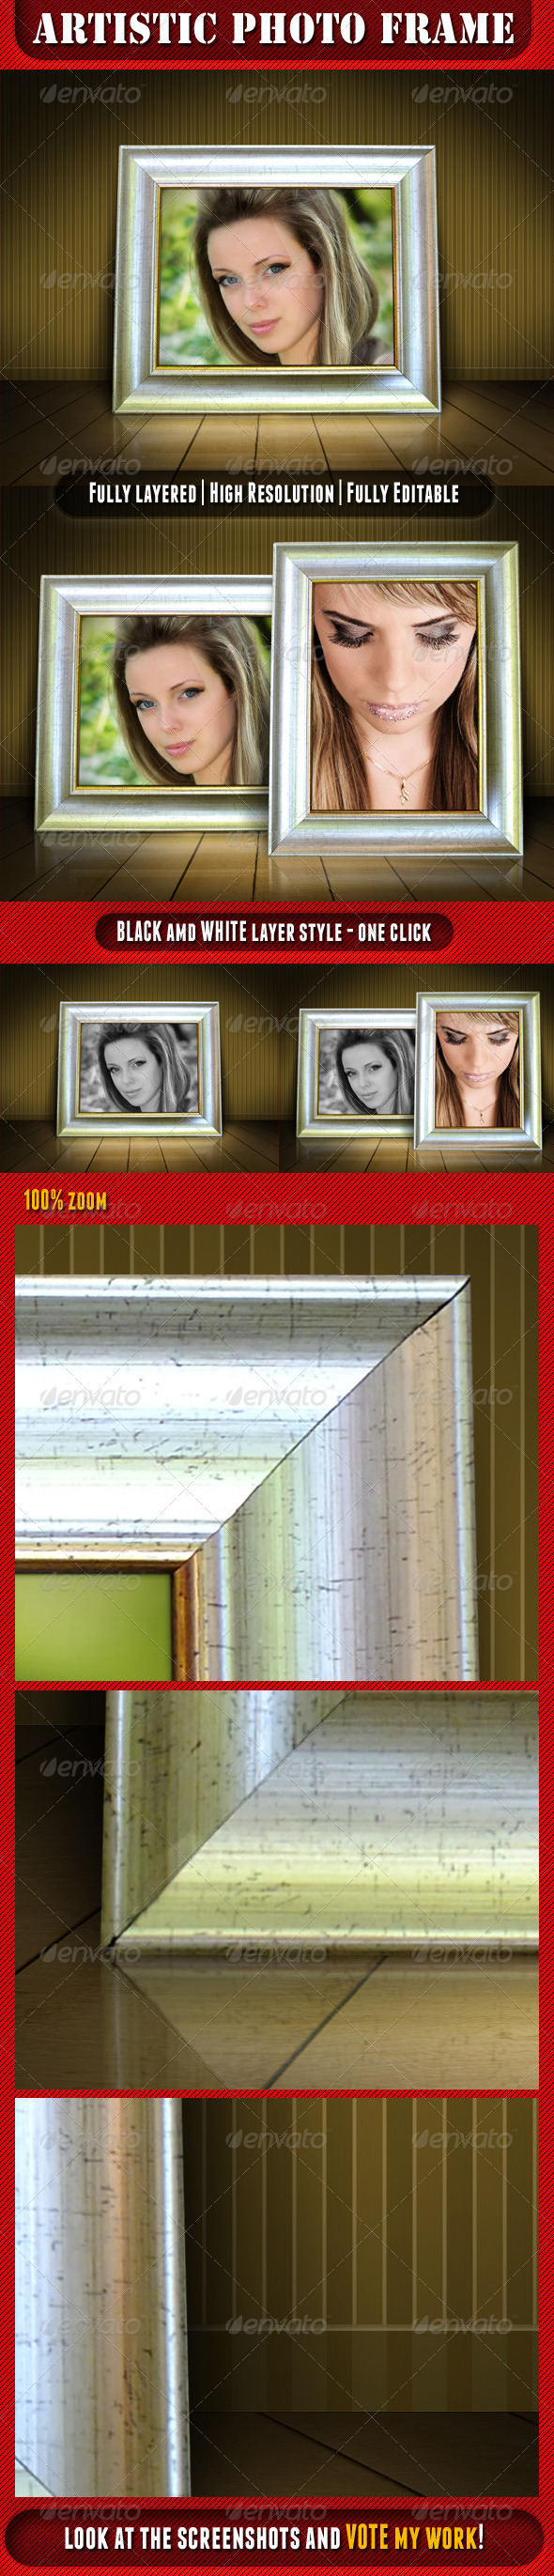 GraphicRiver Artistic Photo Frame 4859962